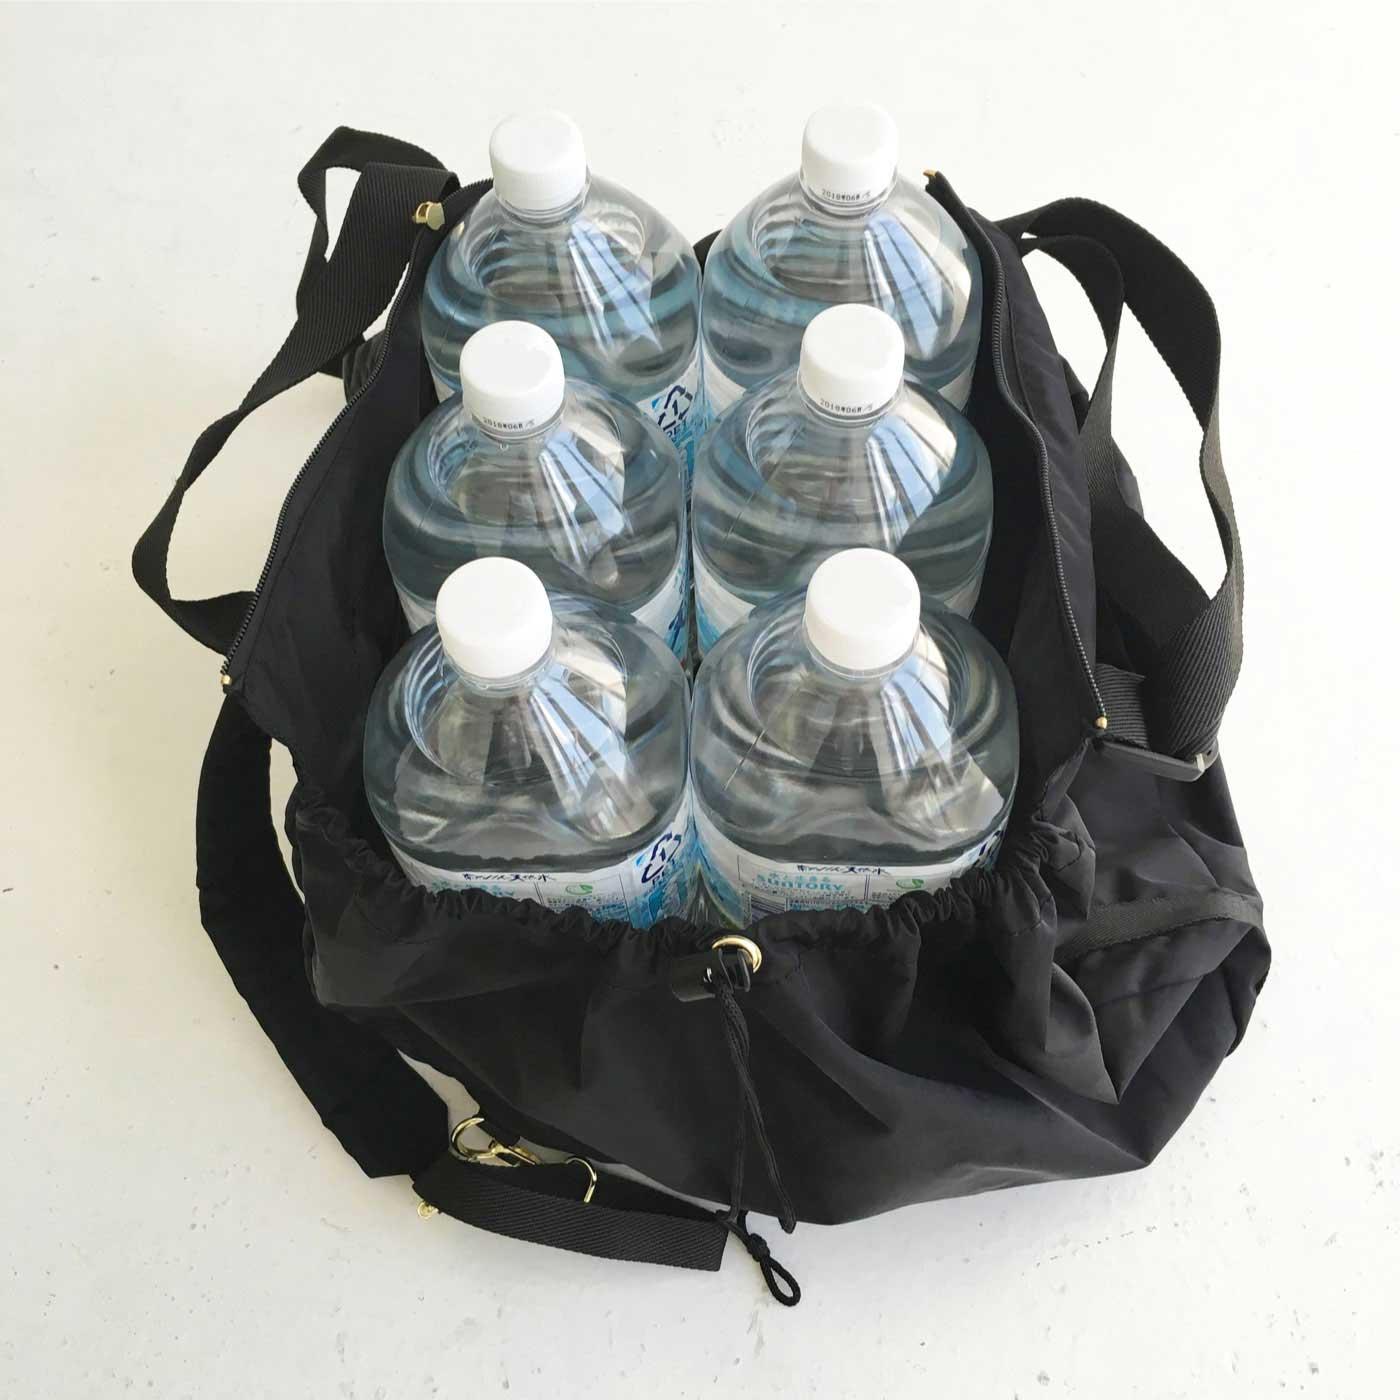 大容量なので最大2リットルのペットボトルが6本も入ります。